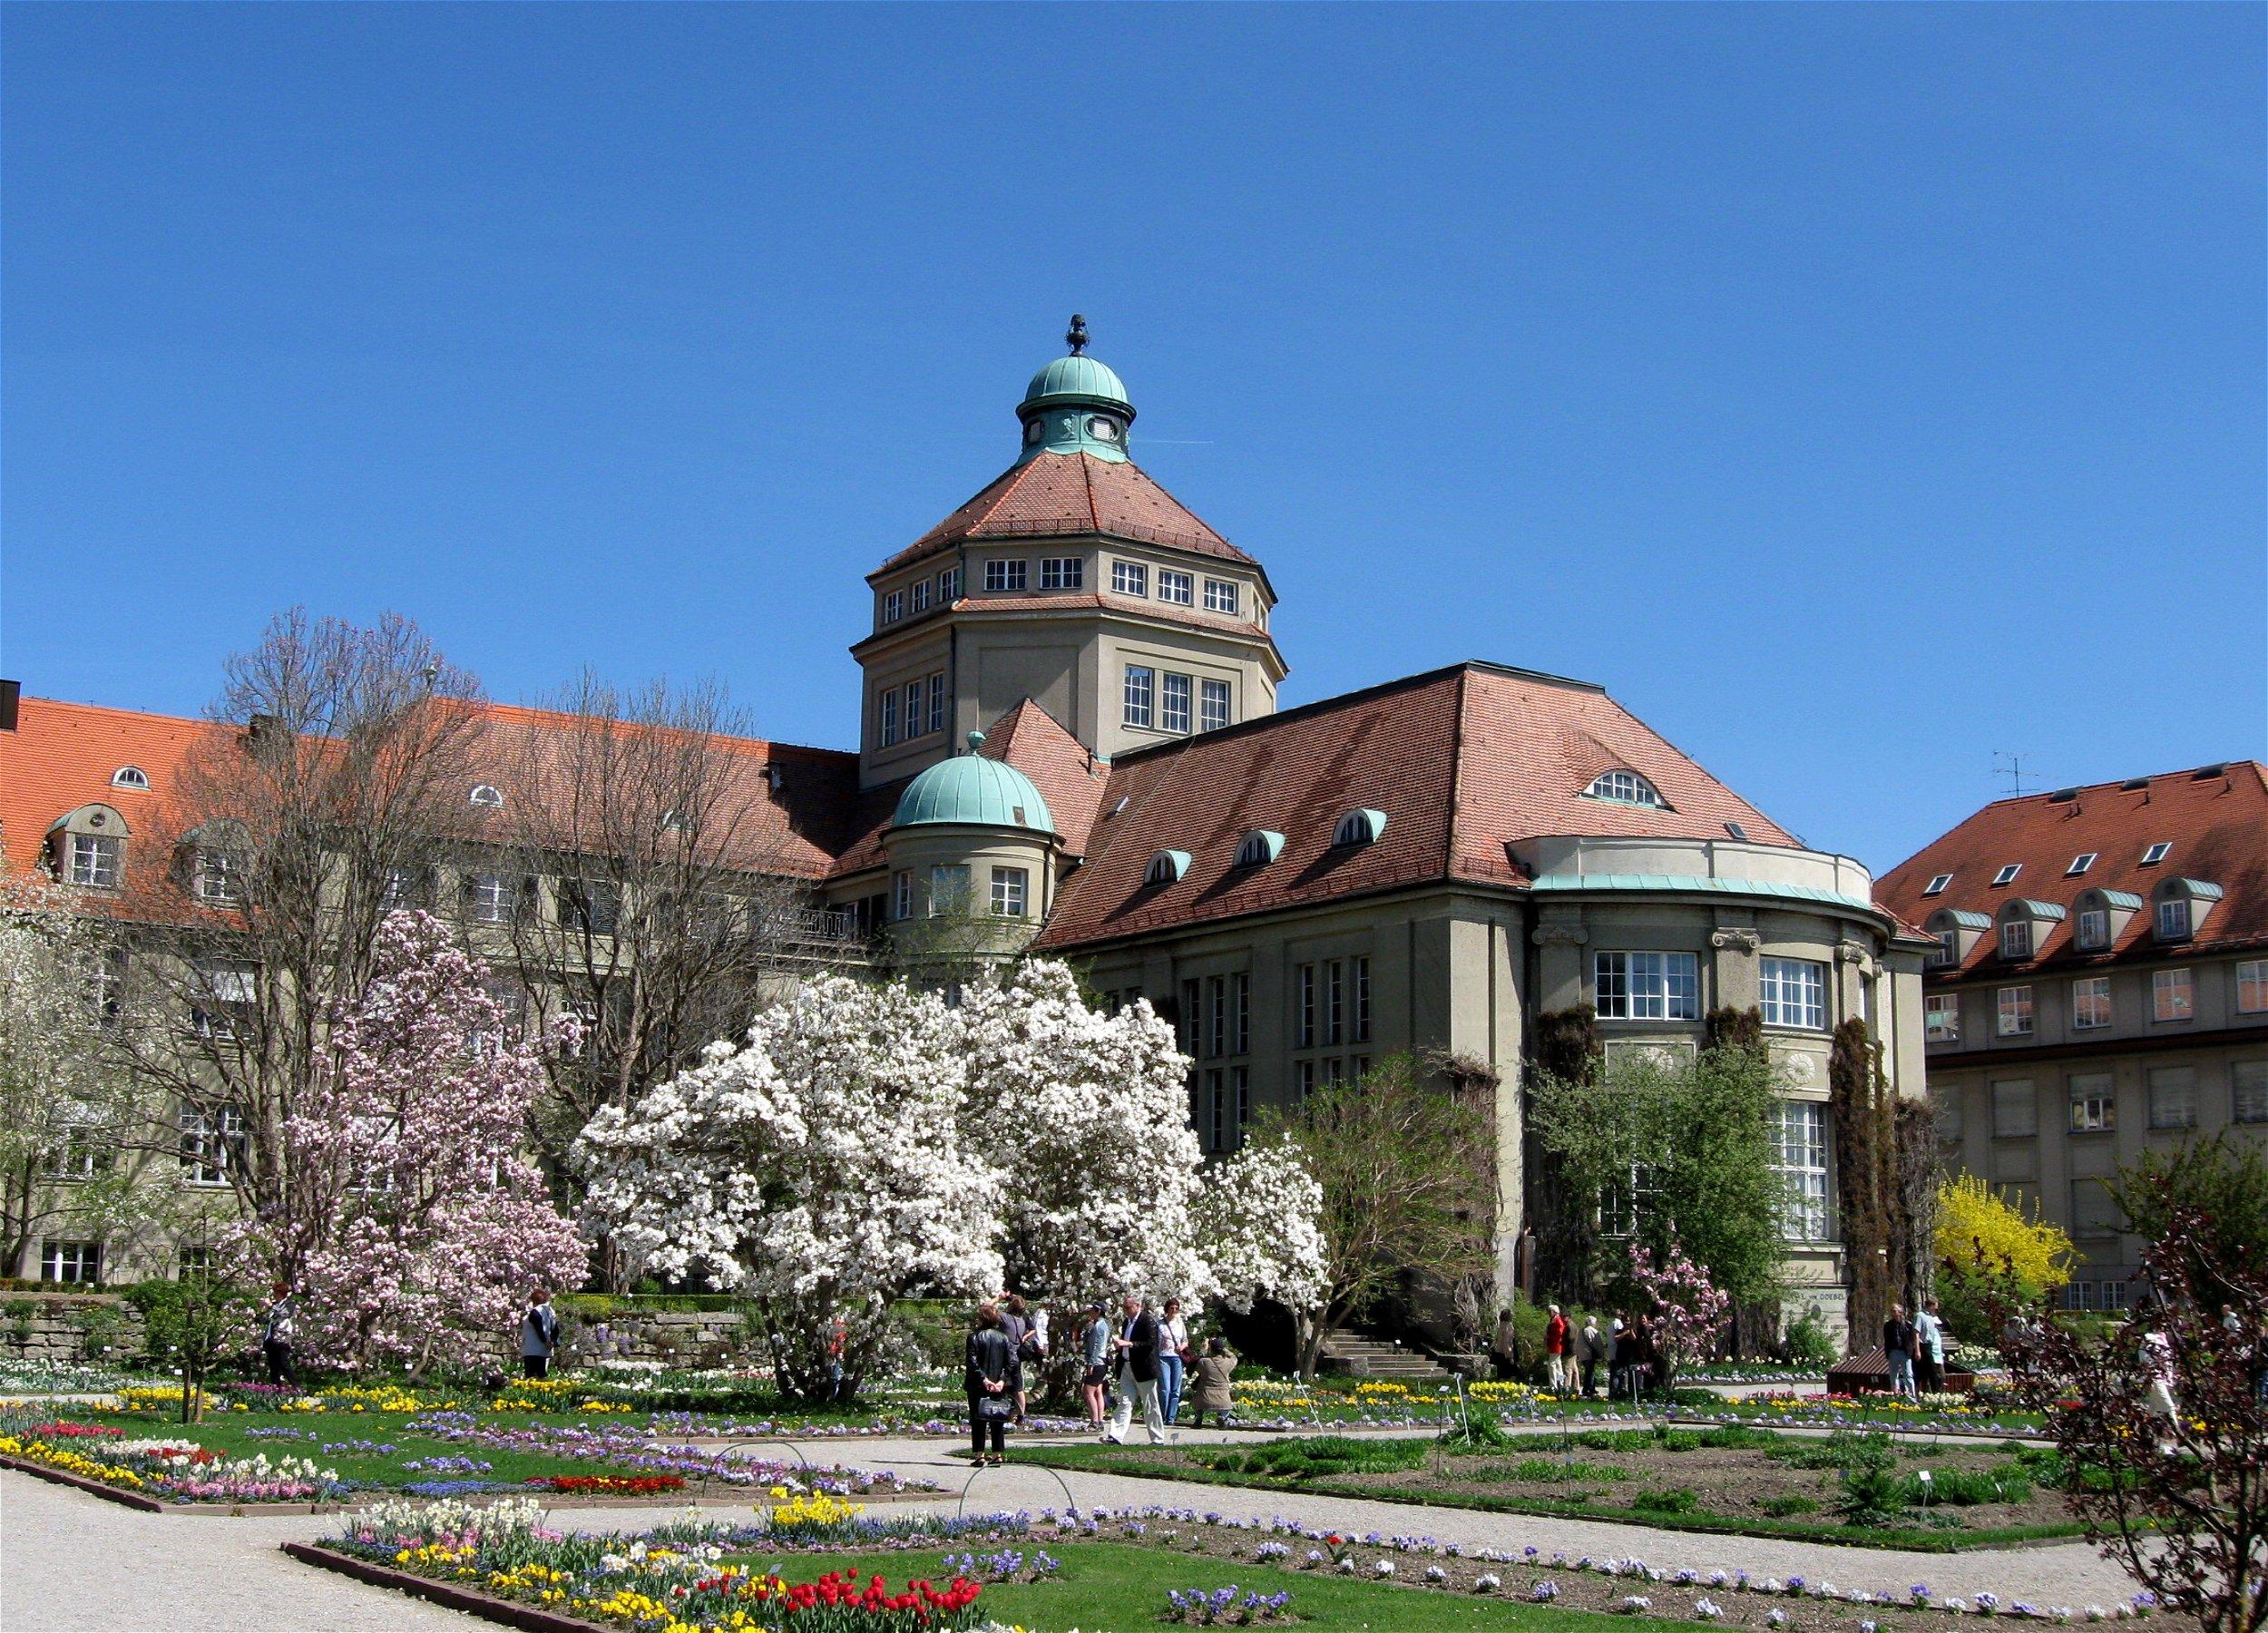 File:Fruehling Im Botanischer Garten Muenchen-2.jpg